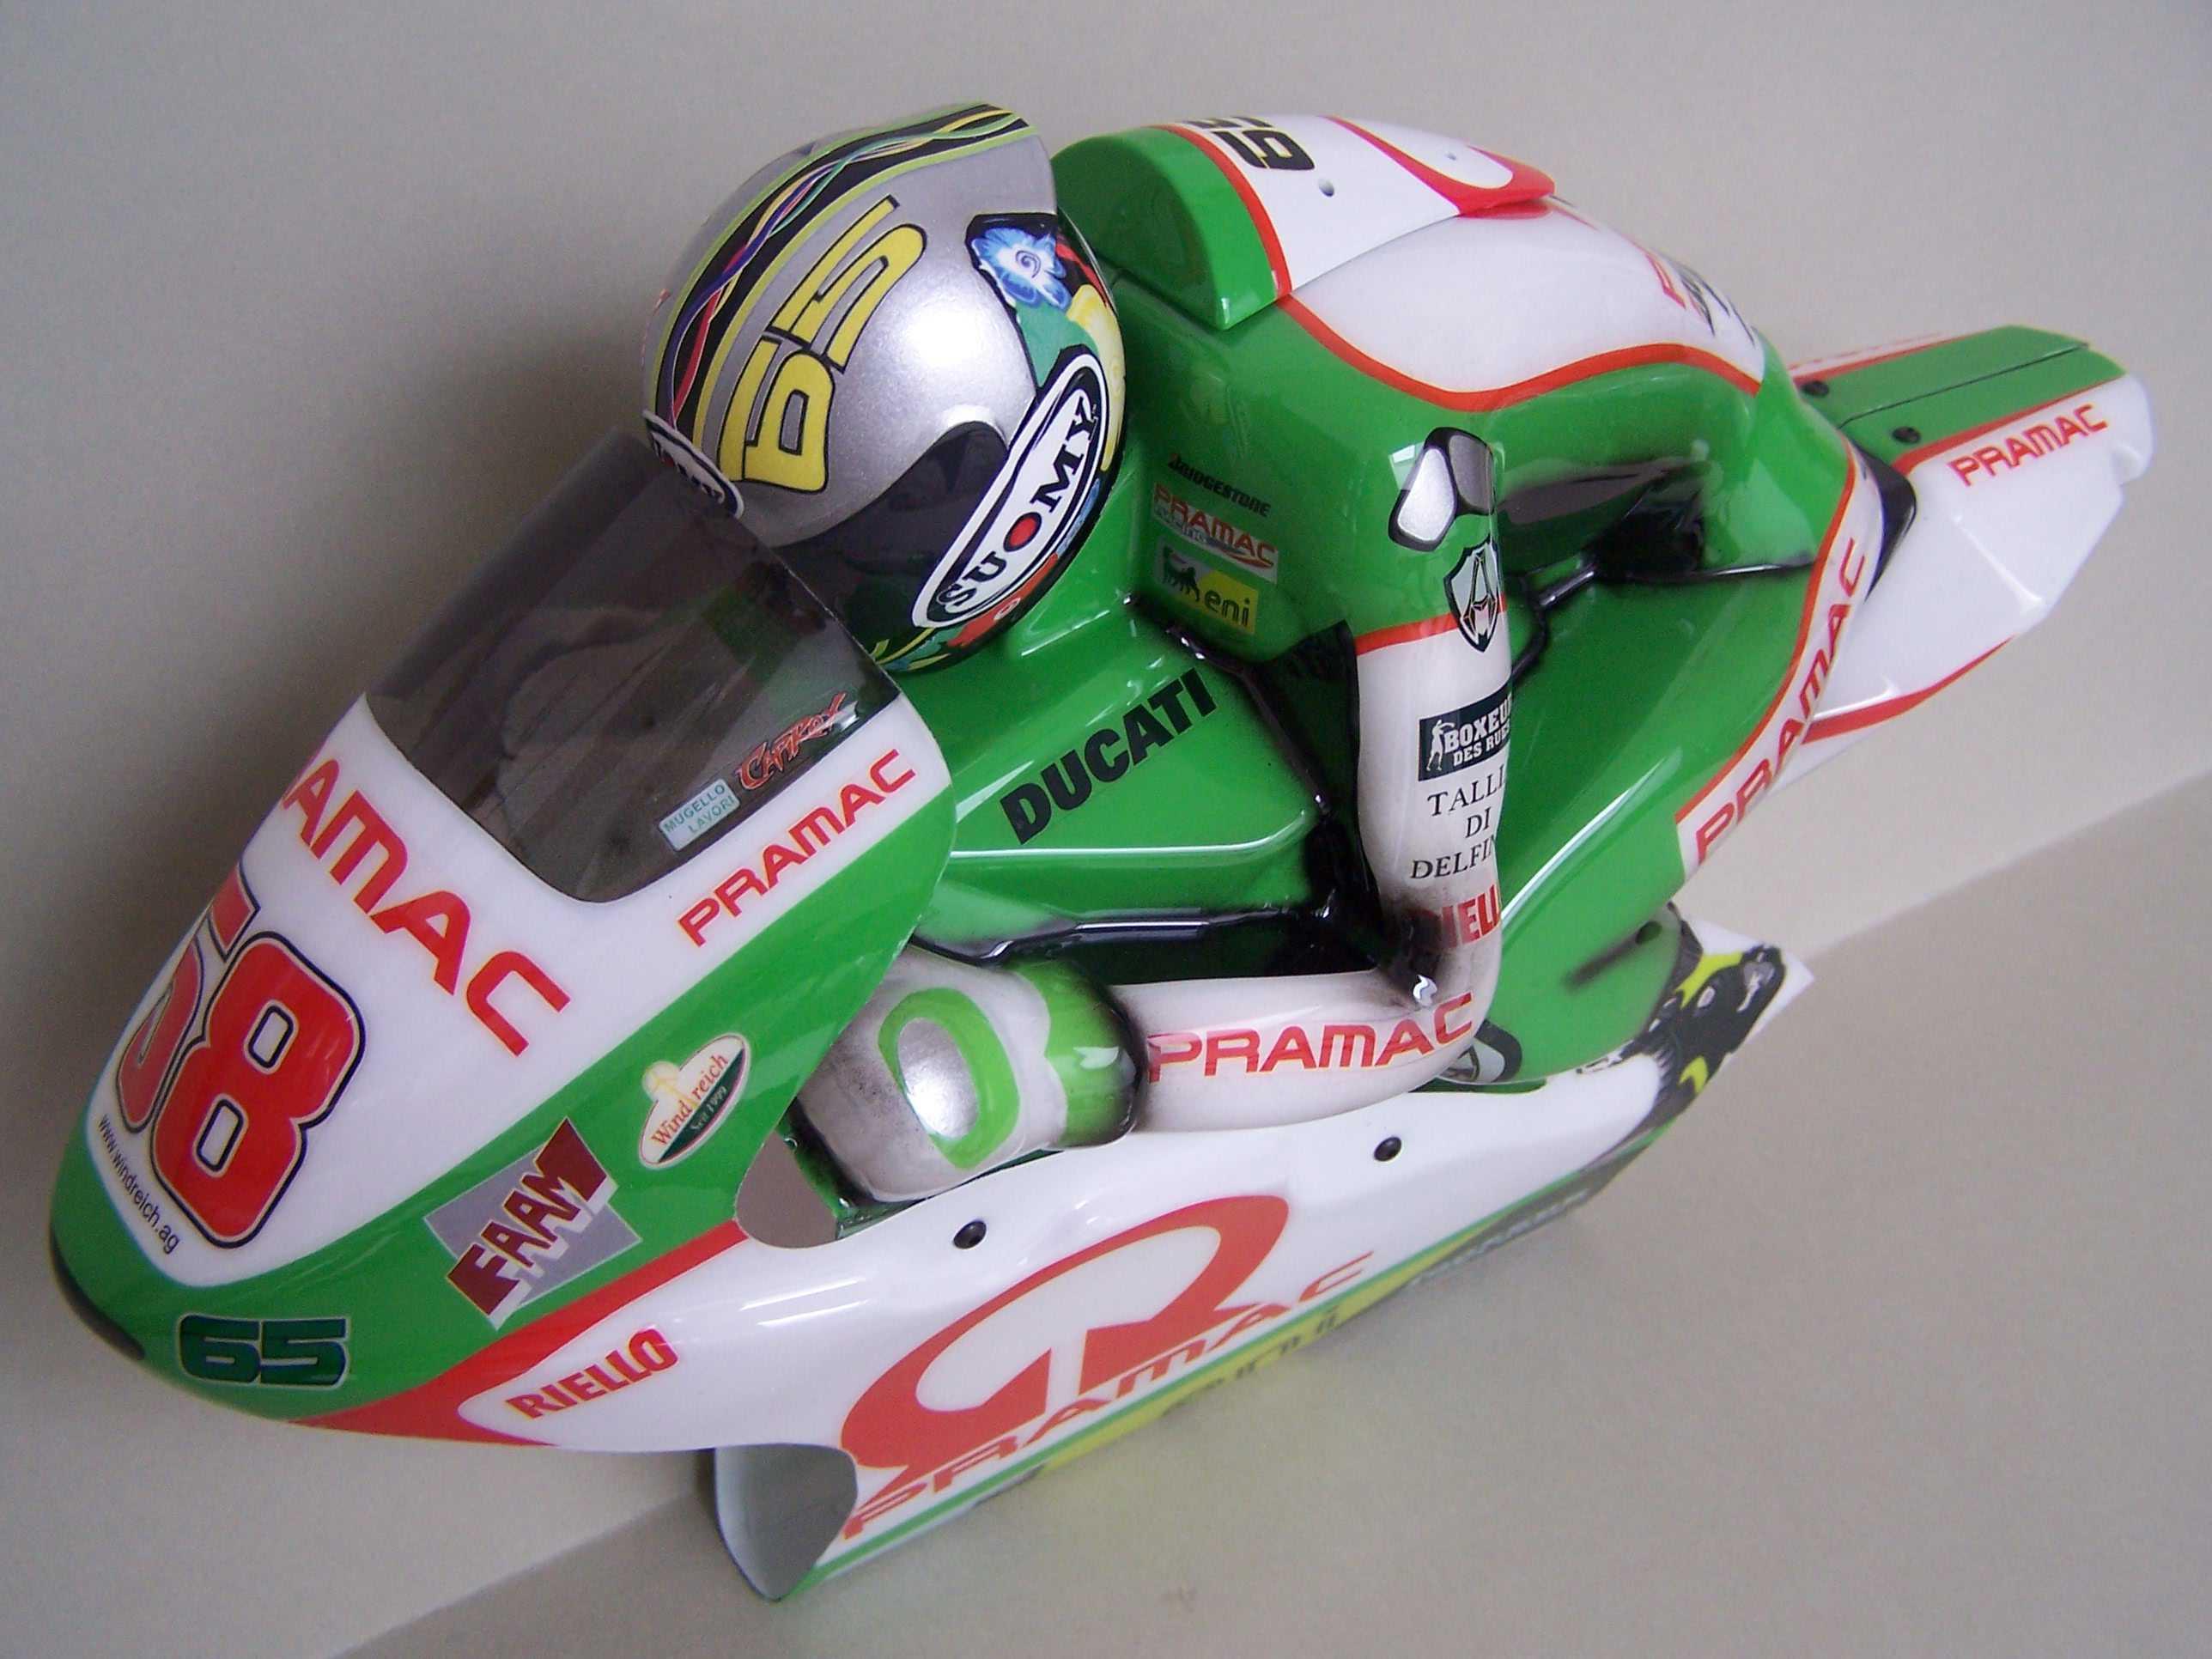 [Pramac-Ducati-2.jpg]